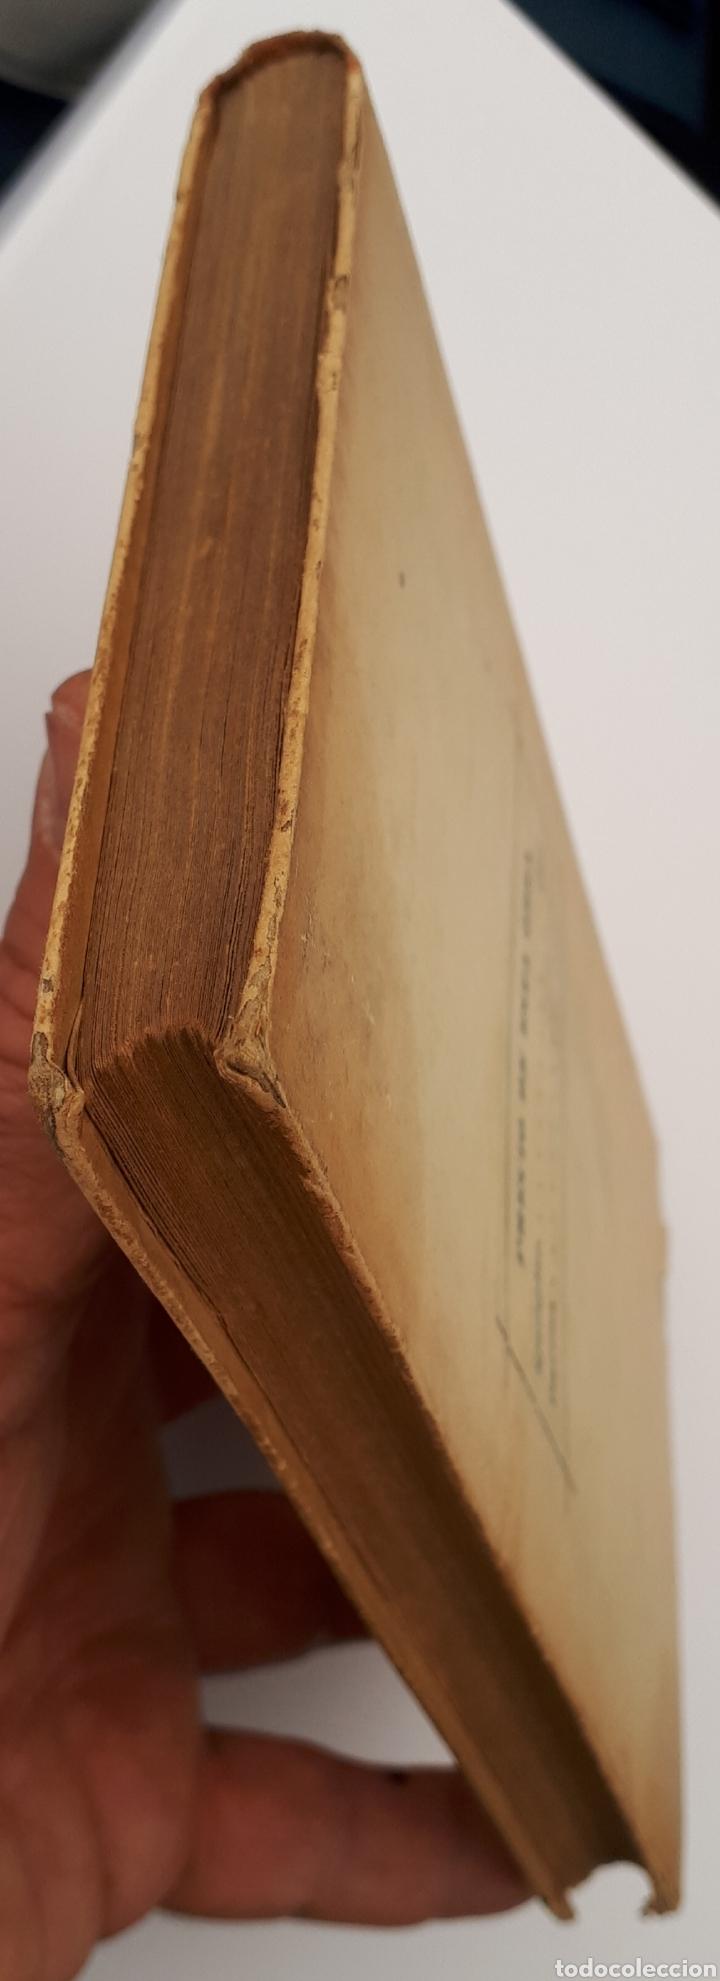 Libros antiguos: EL MUCHACHO. Libro de lectura instructiva,Educativa y amena. Arturo Cuyás Armengol. 1918 - Foto 5 - 154374166